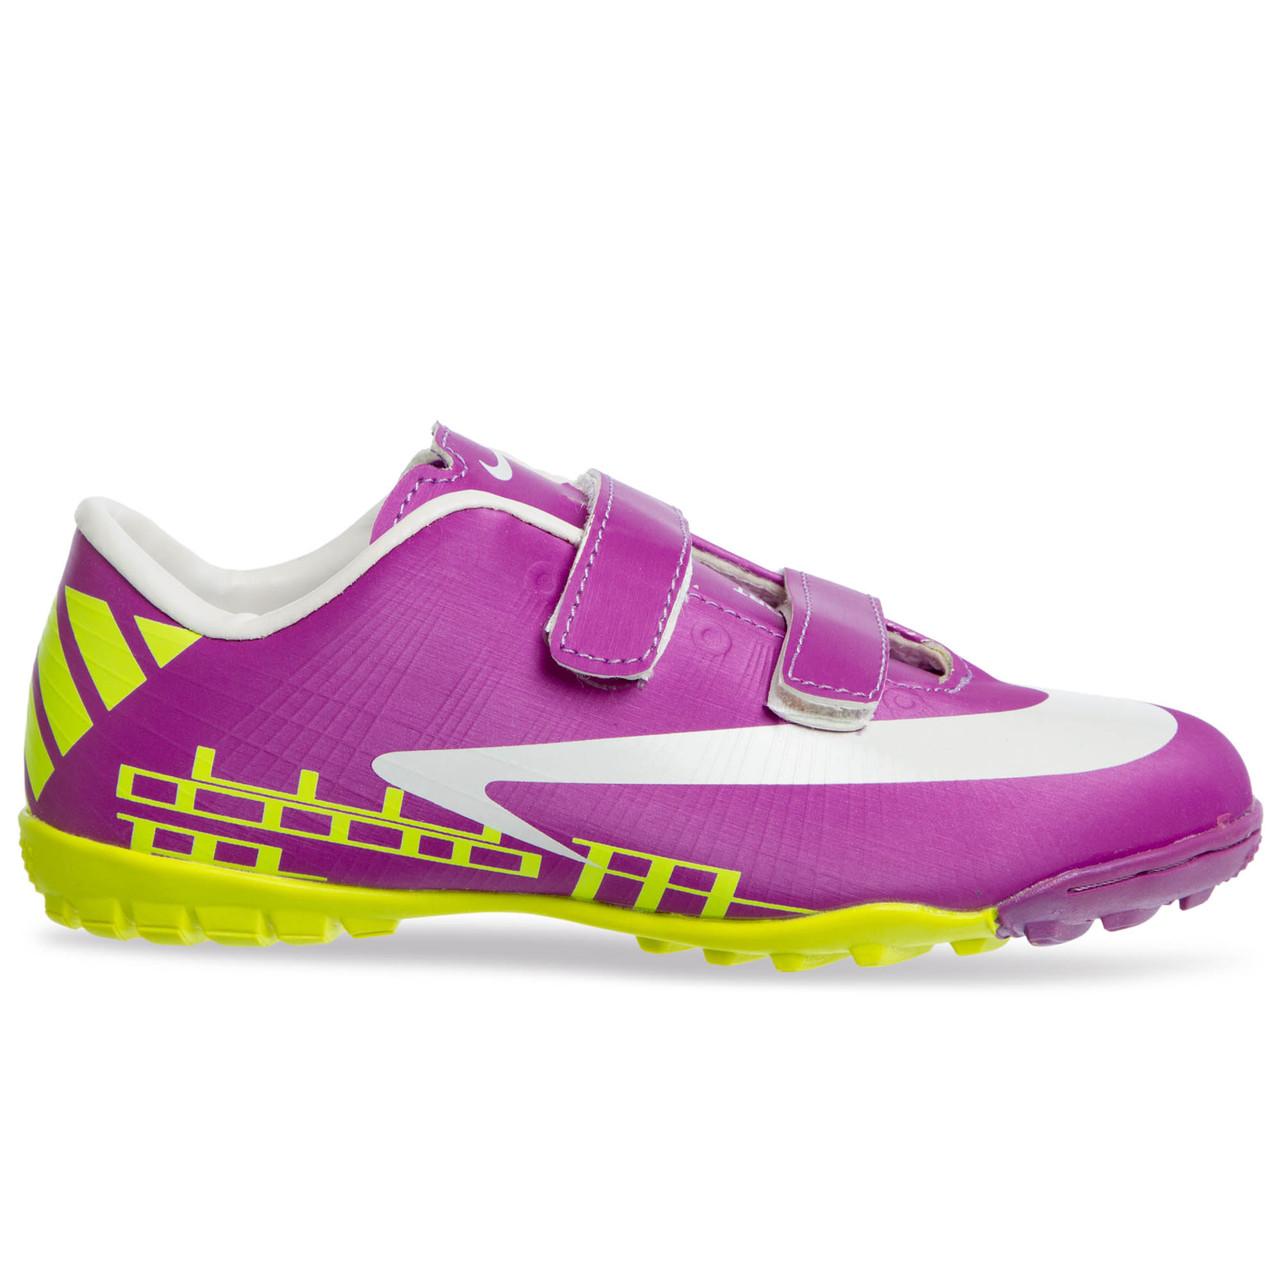 Сороконожки обувь футбольная детская SPORT OB-3411-VL размер 30-35 фиолетовый-салатовый